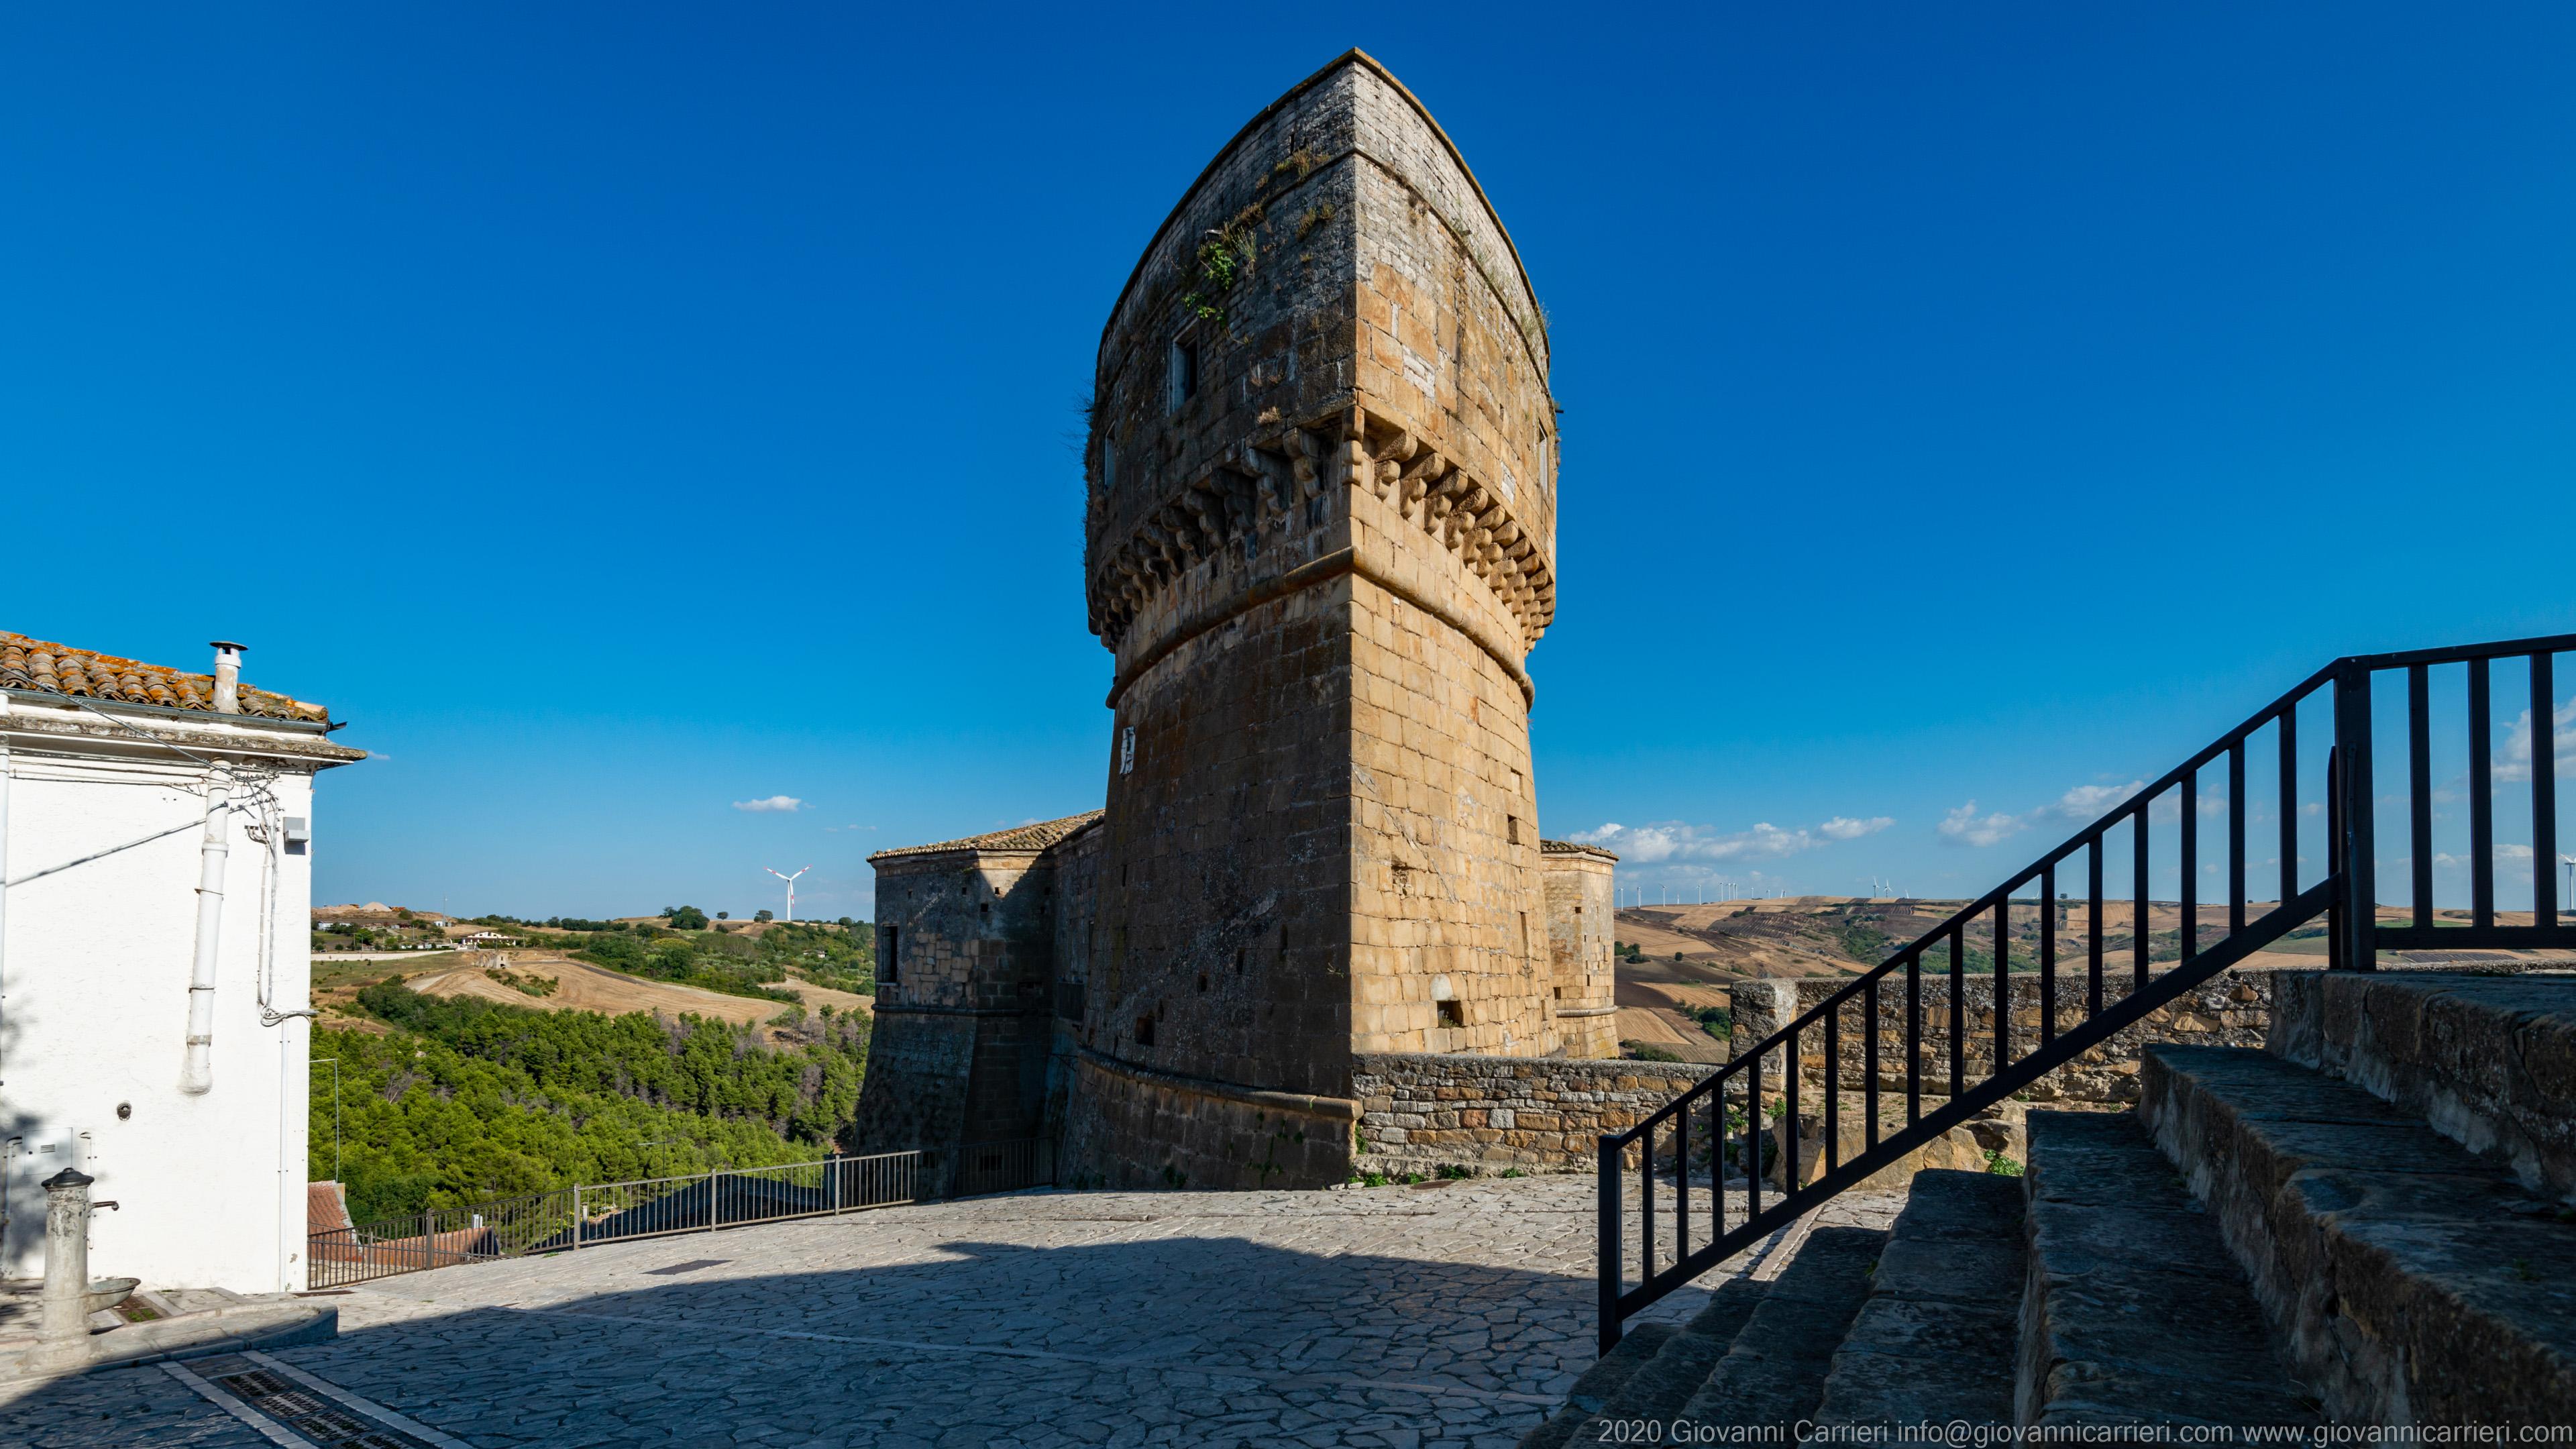 Torre ad ogiva del Castello dei Conti d'Aquino La torre più alta del Castello D'Aquino, svetta verso il centro storico di Rocchetta Sant'Antonio. Probabilmente, eretta più per rappresentare il potere del barone Ladislao II d'Aquino che per funzioni militari.